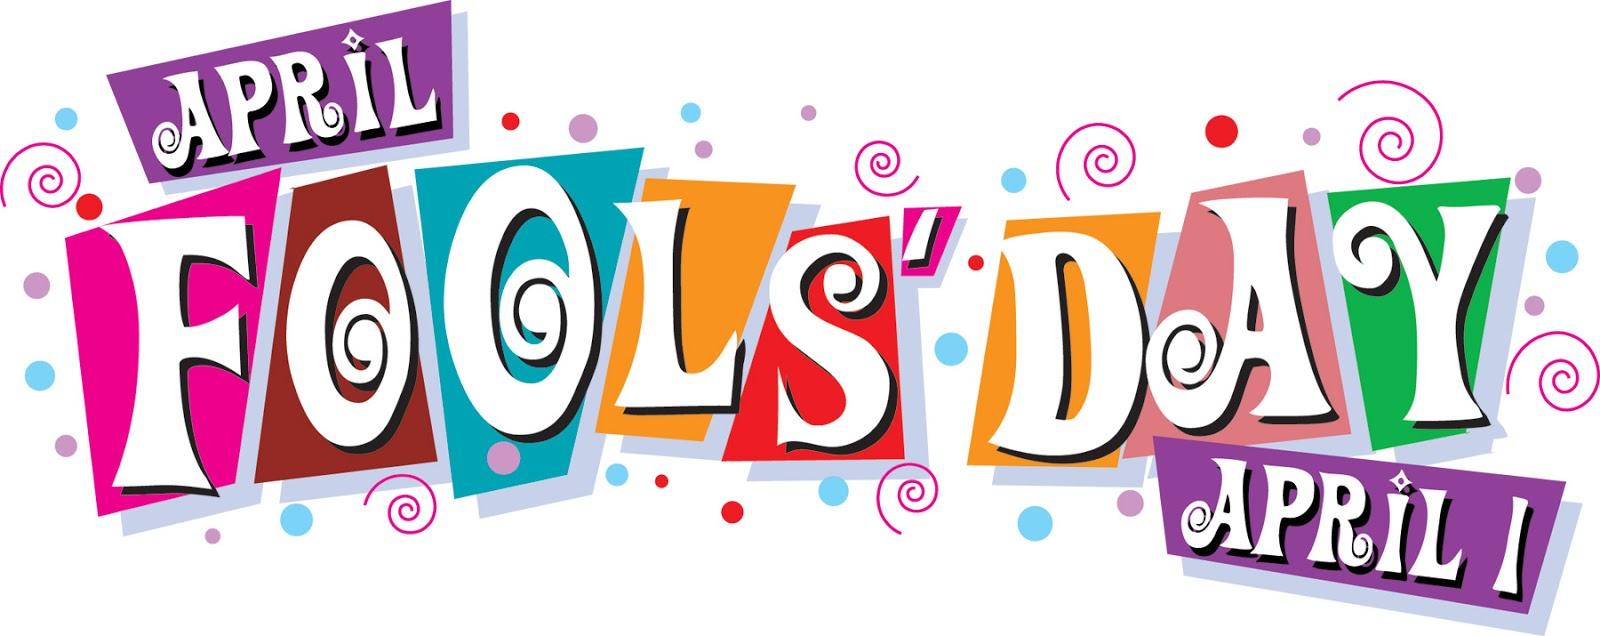 Sejarah Dan Asal Usul April Mop April Fool S Day